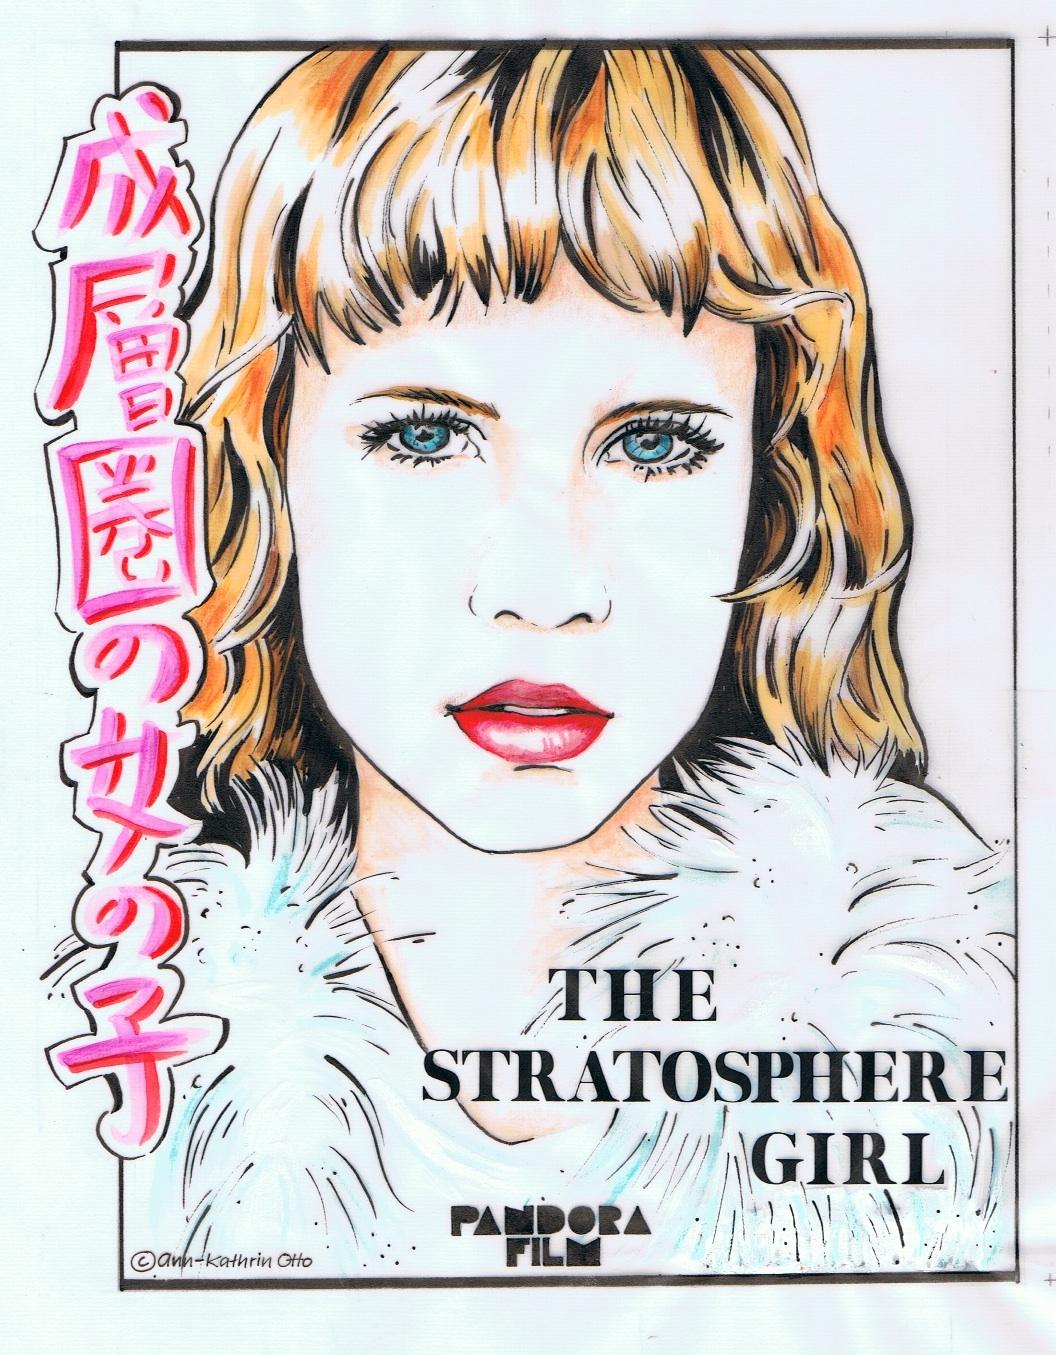 ako illus stratosphere girl